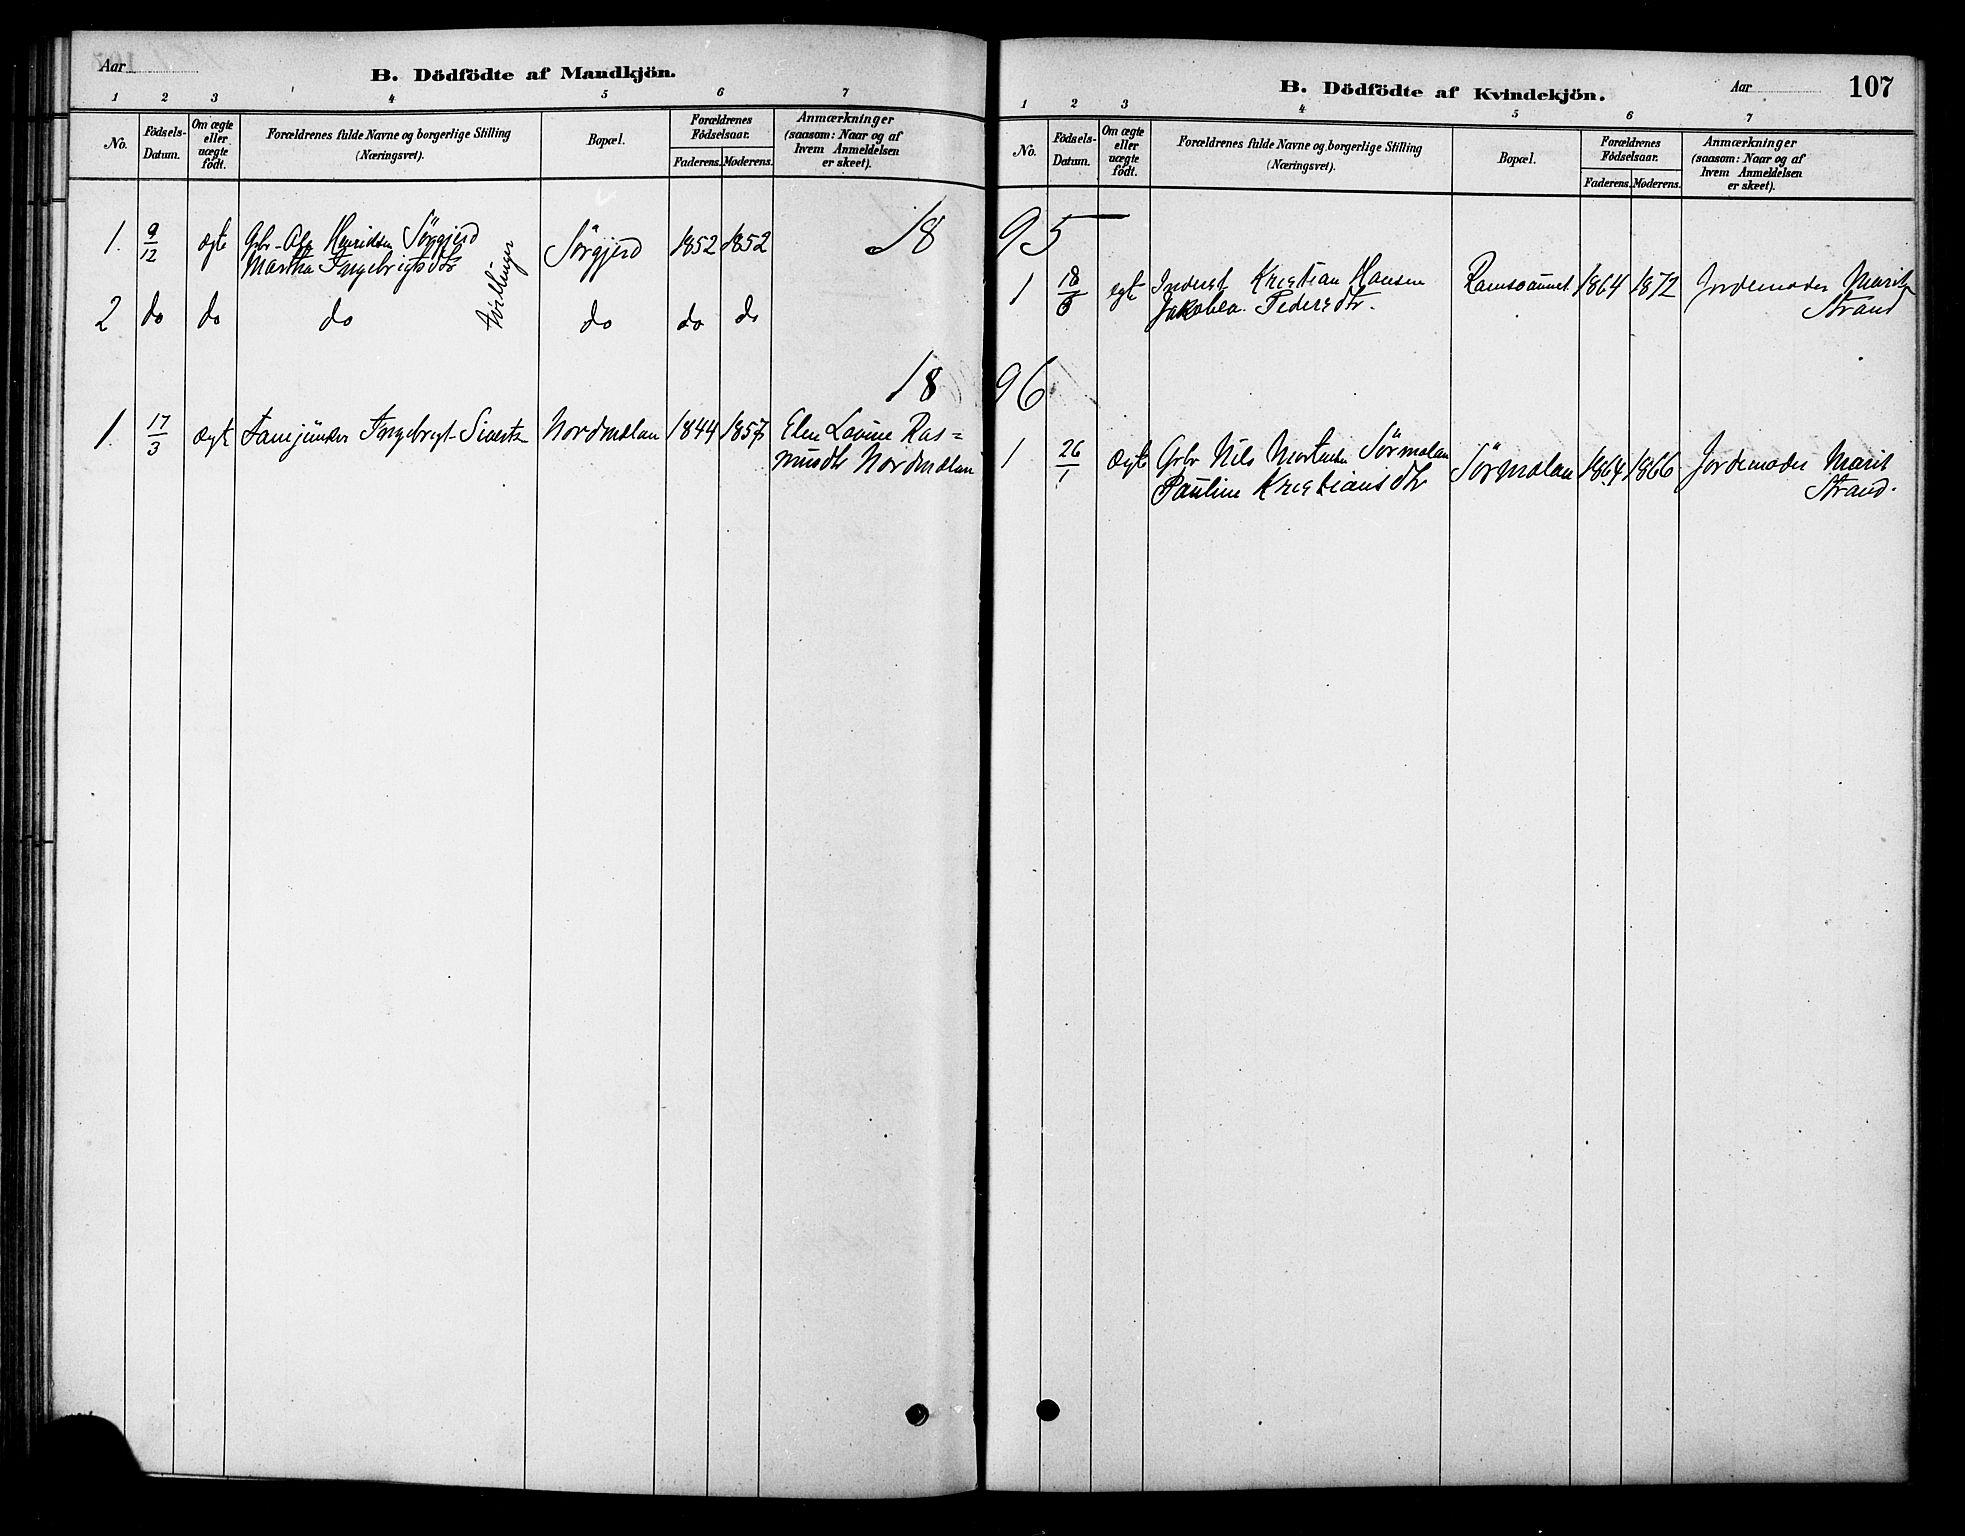 SAT, Ministerialprotokoller, klokkerbøker og fødselsregistre - Sør-Trøndelag, 658/L0722: Ministerialbok nr. 658A01, 1879-1896, s. 107